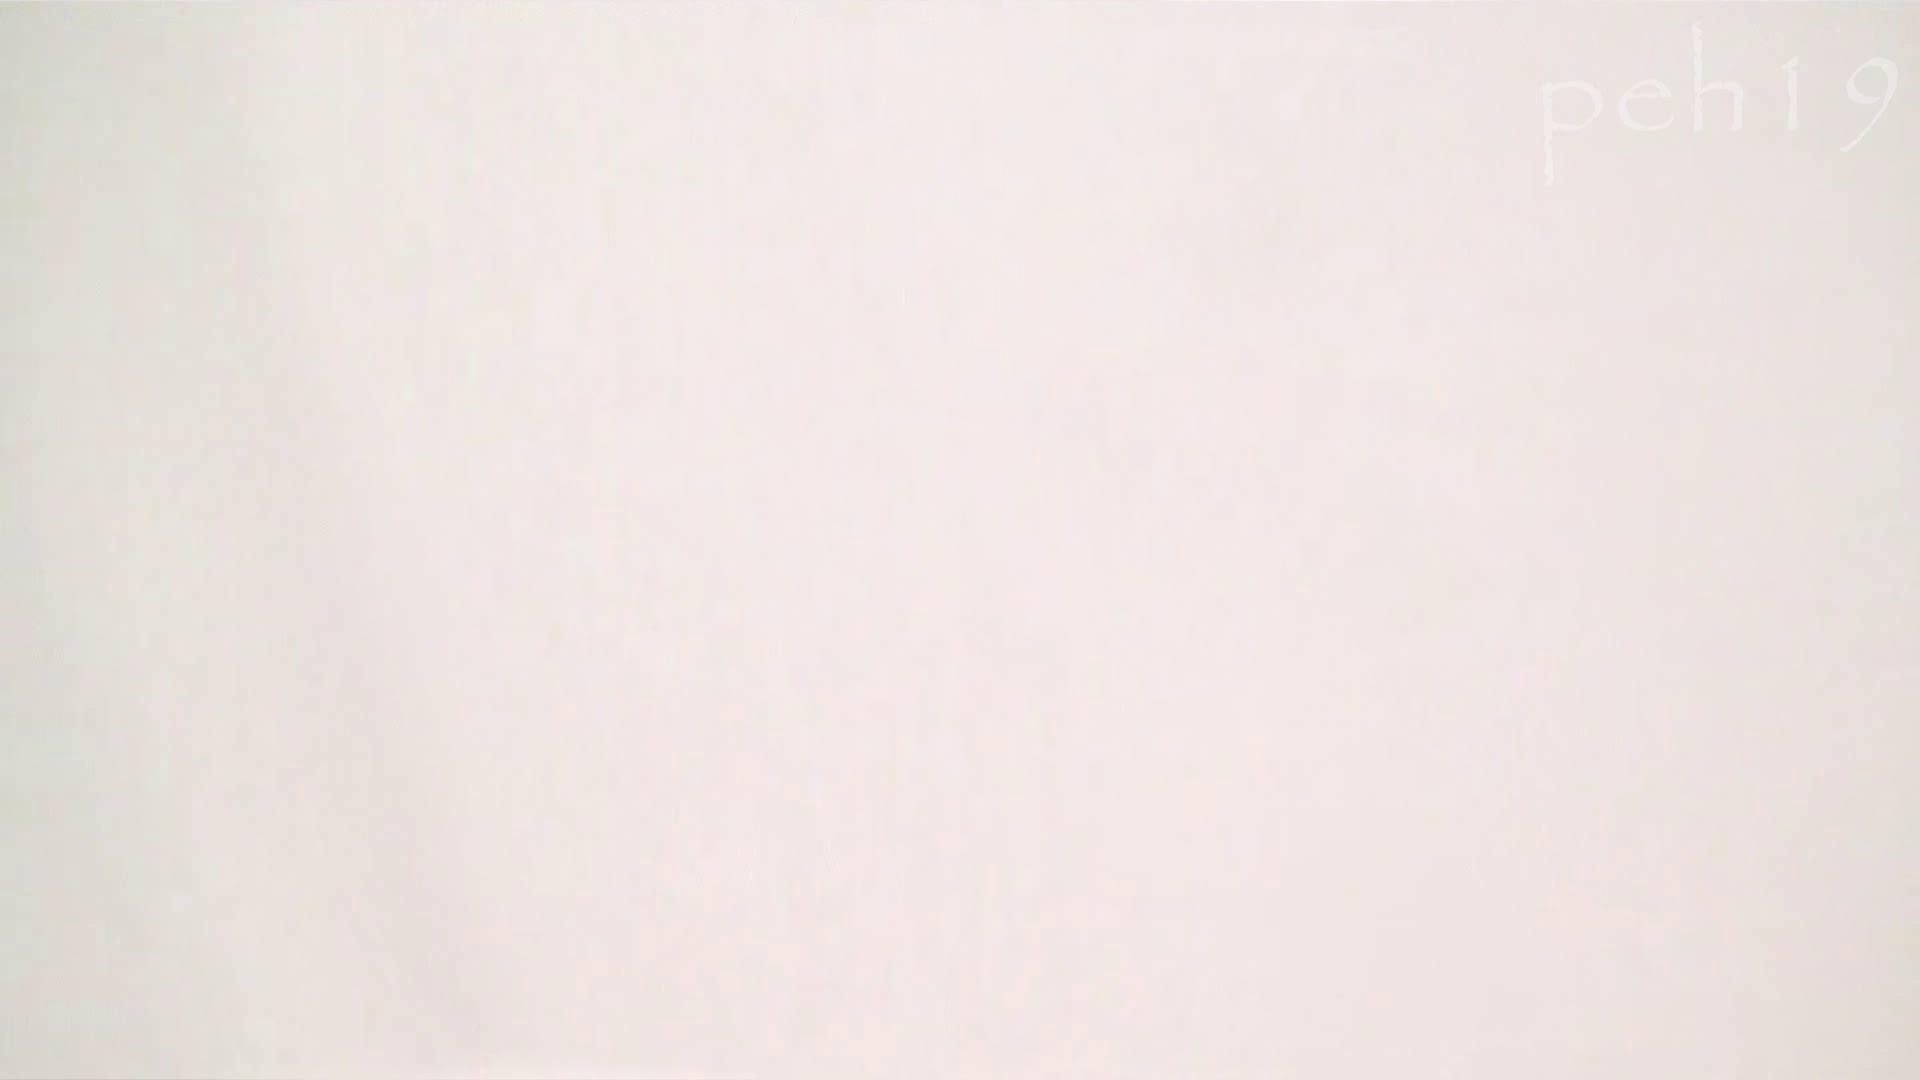 ※100個限定販売 至高下半身盗撮 プレミアム Vol.19 ハイビジョン 盗撮エロすぎ | OL  82連発 37